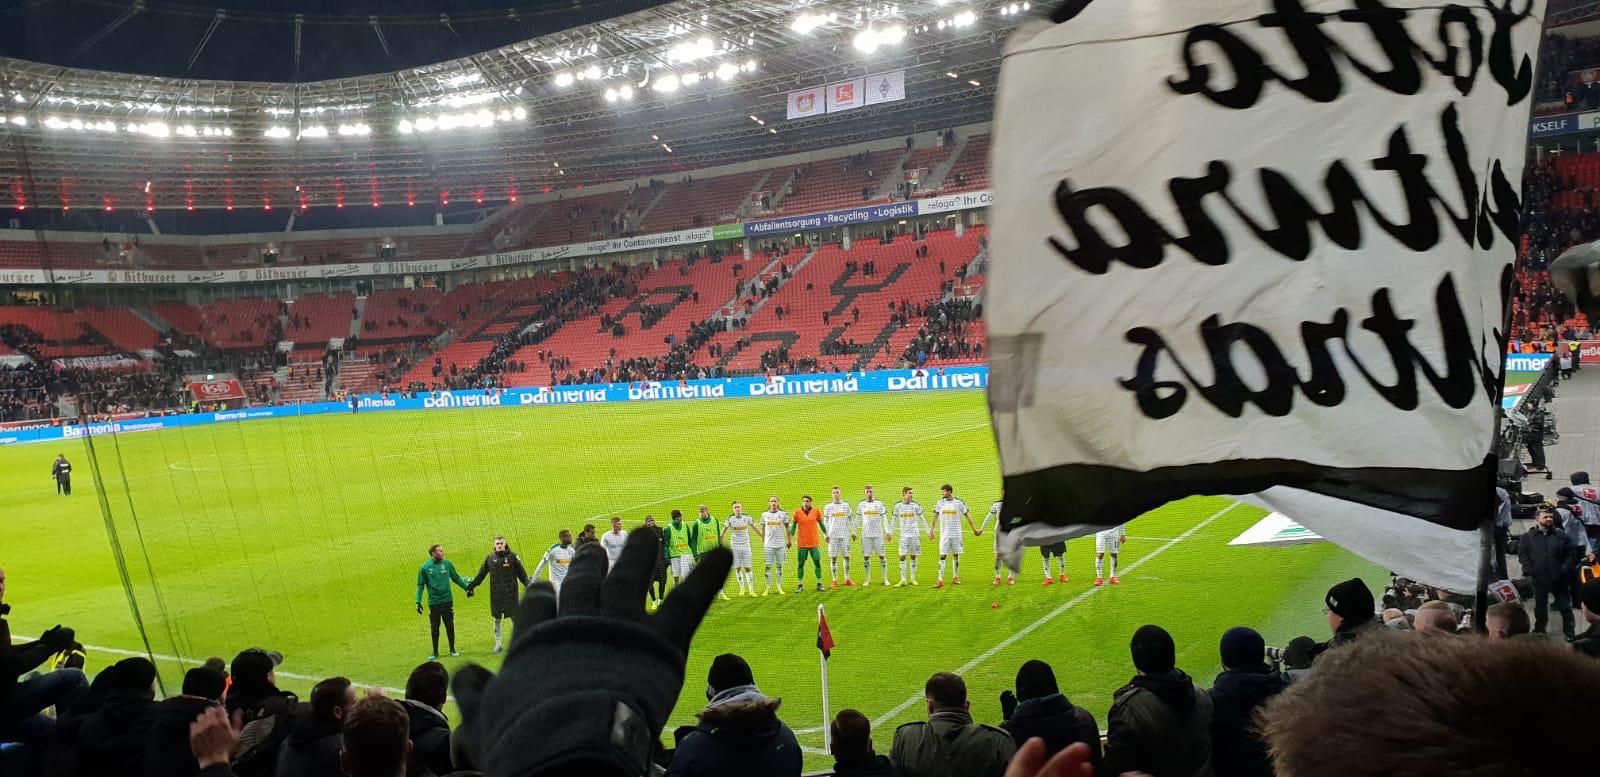 Auswärtssieg in Leverkusen